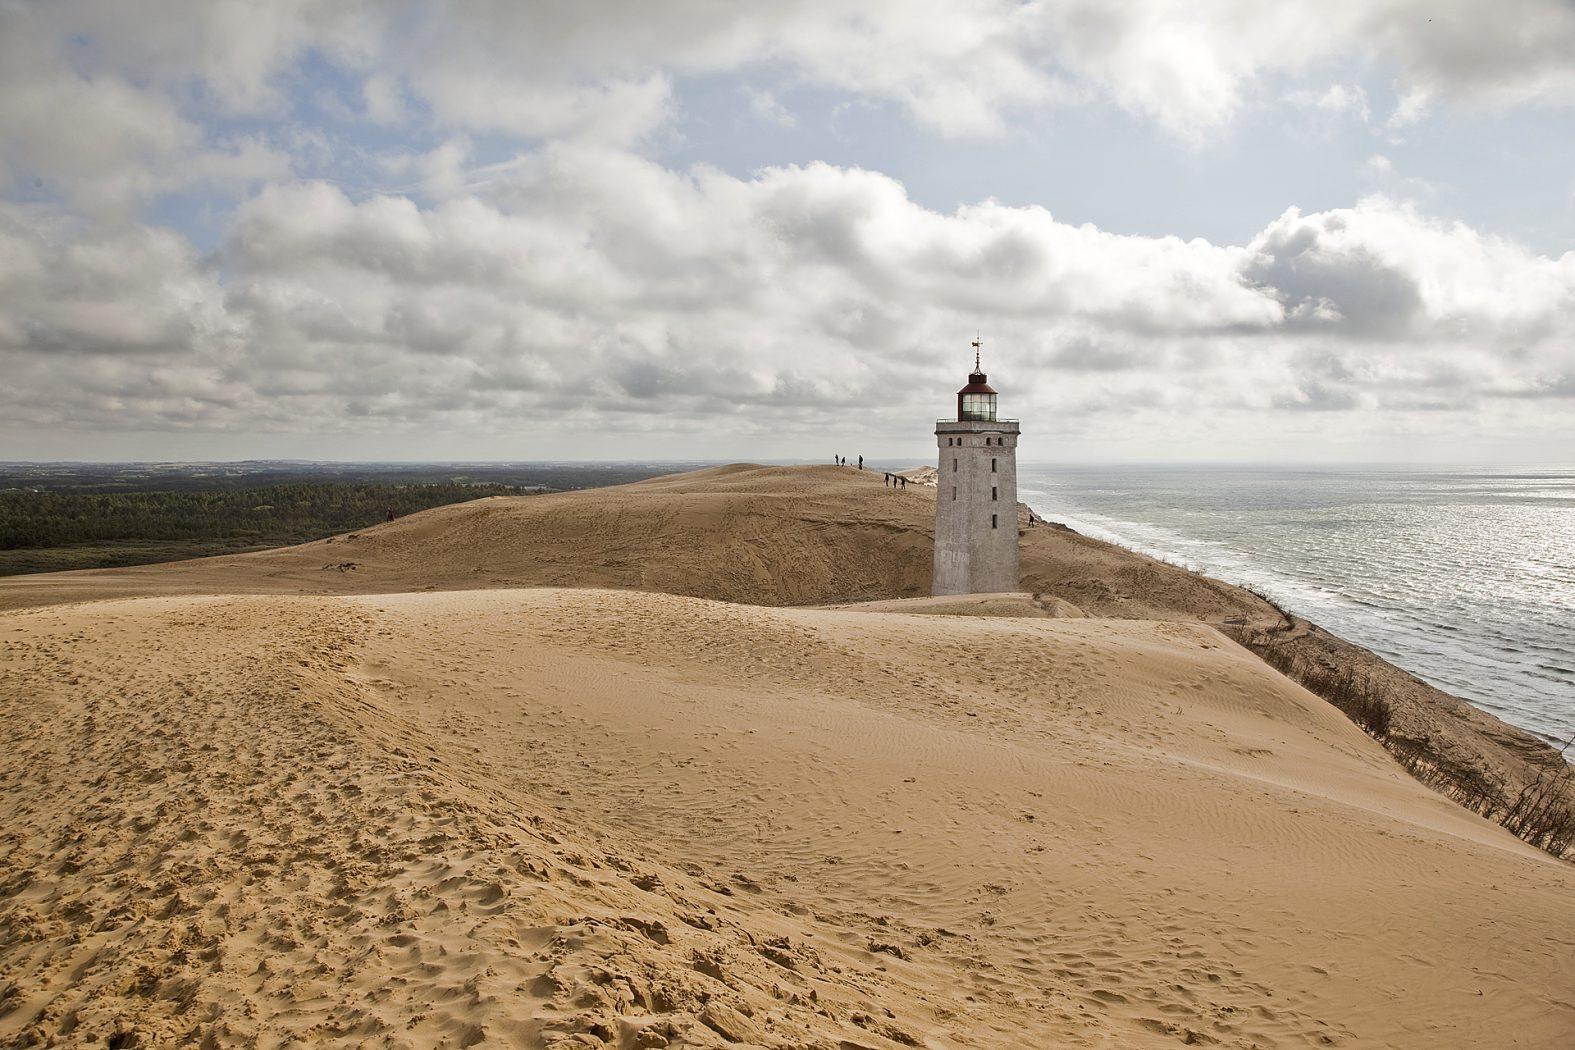 Der Leuchtturm Rubjerg Knude Fyr